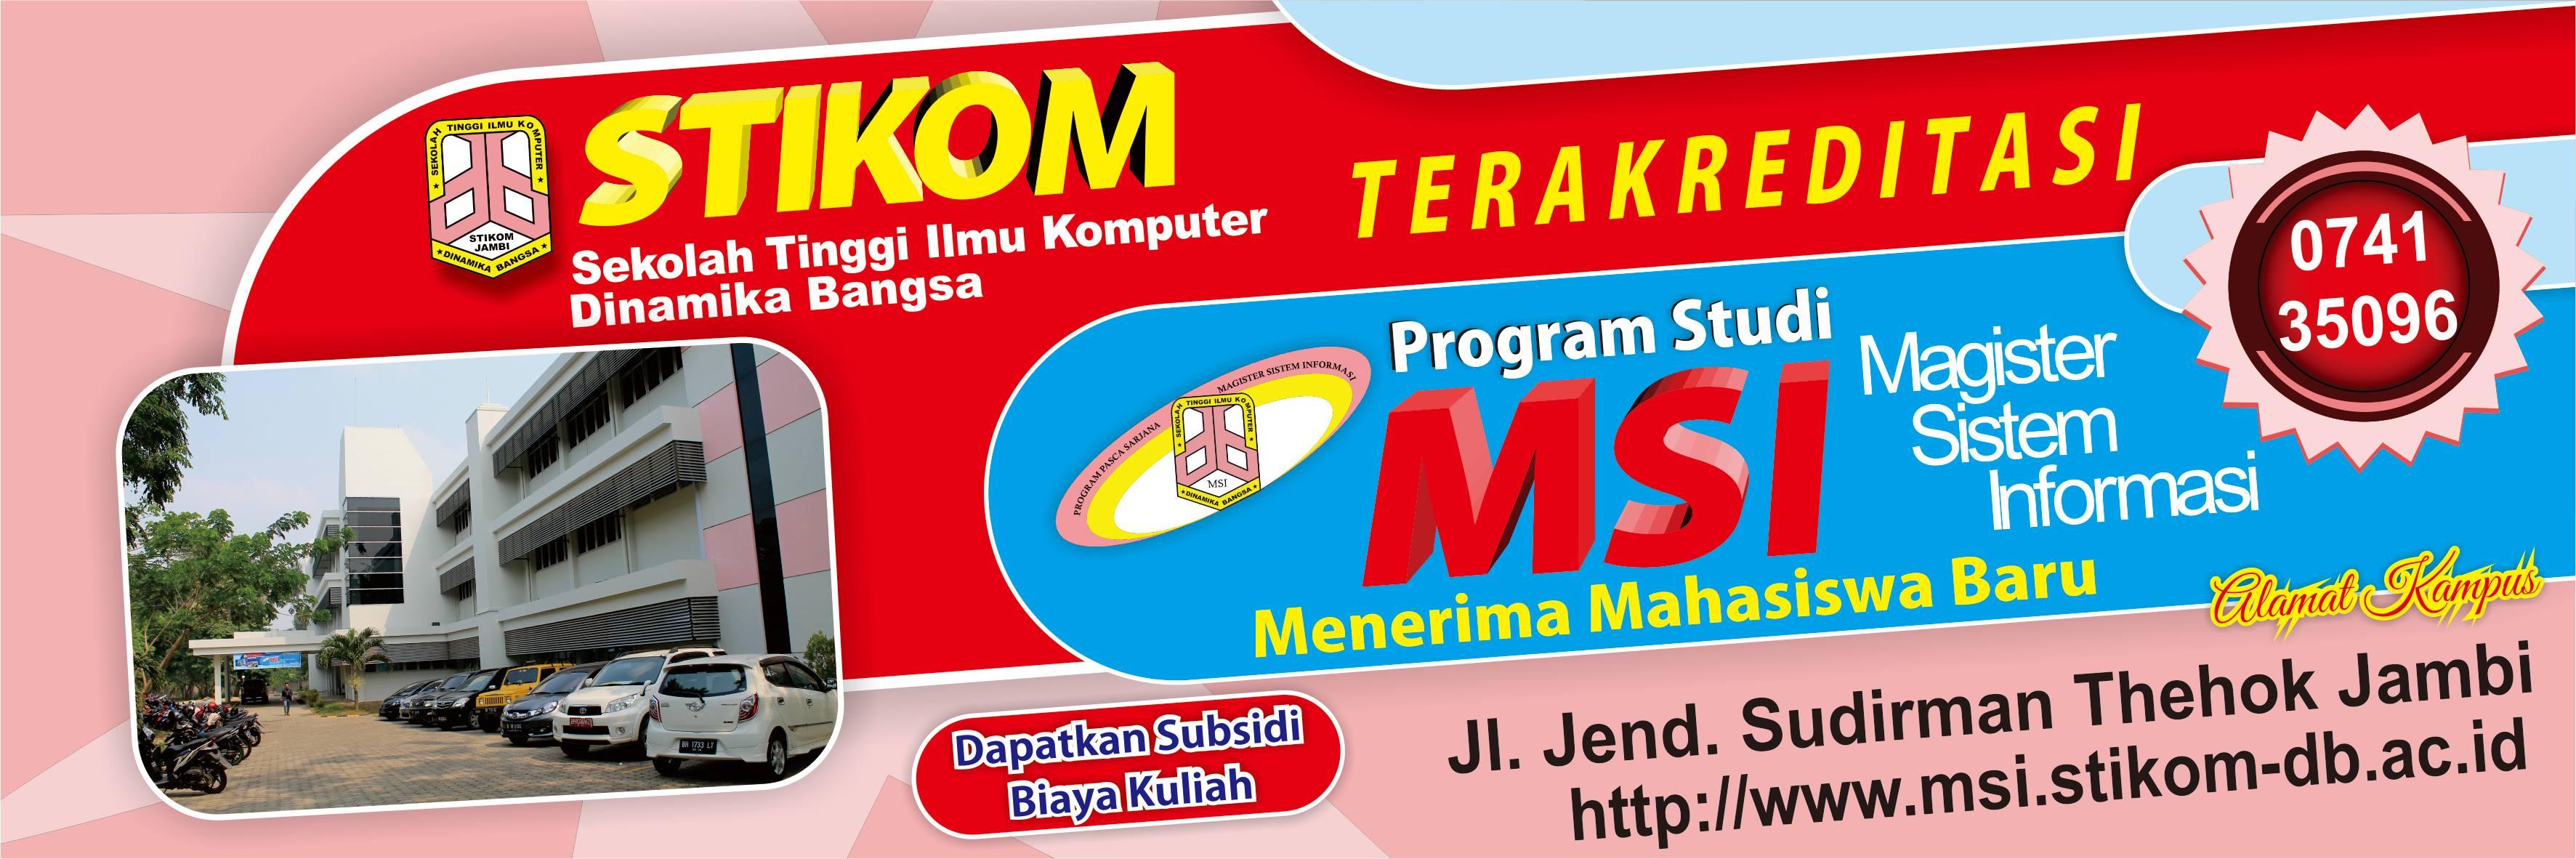 Penerimaan Mahasiswa Baru Magister Sistem Informasi 2016